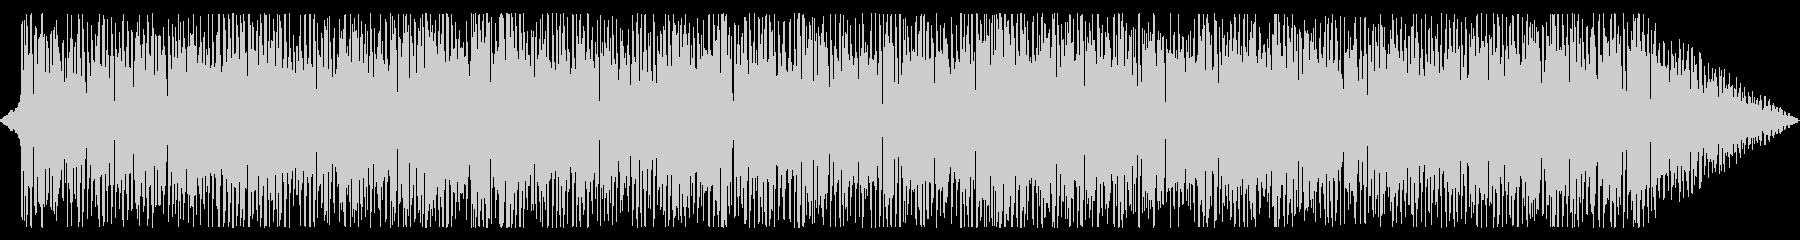 シンプルでポジティブ感のあるテクノ曲の未再生の波形